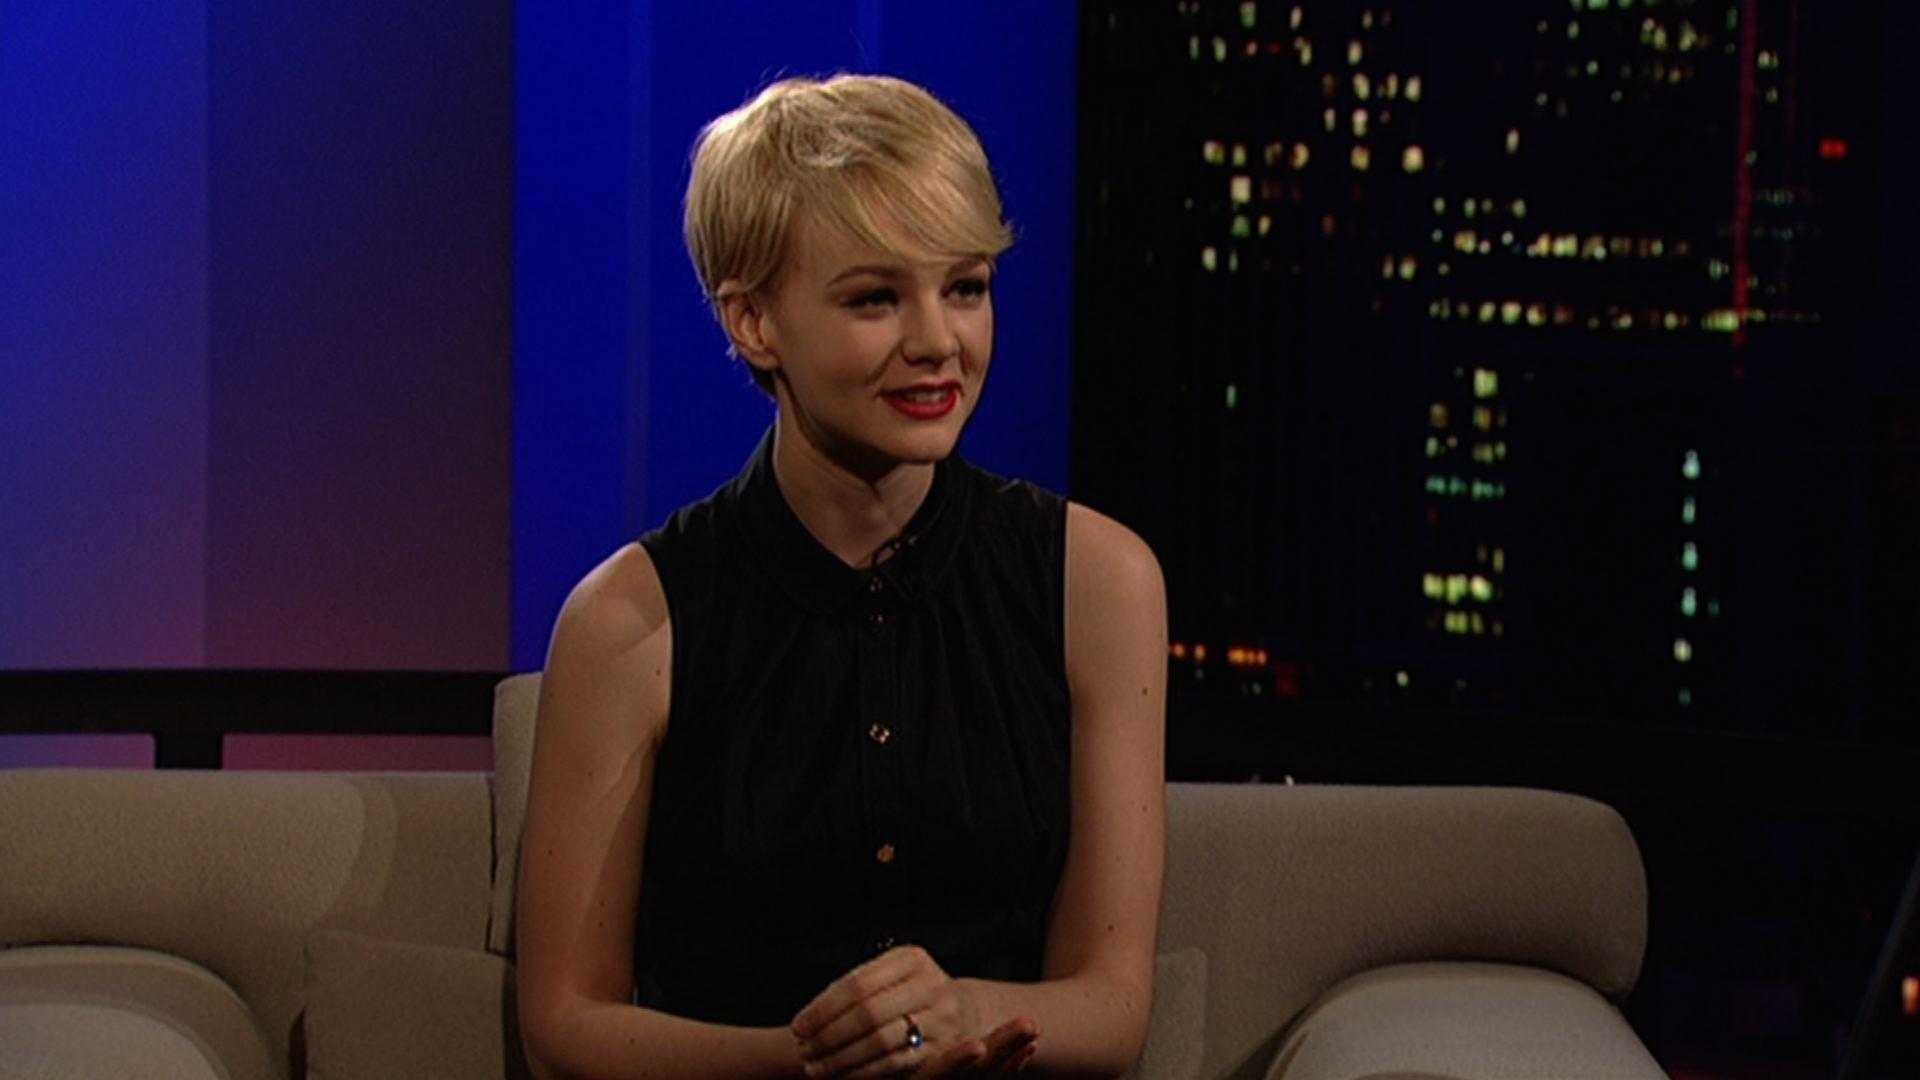 Actress Carey Mulligan image